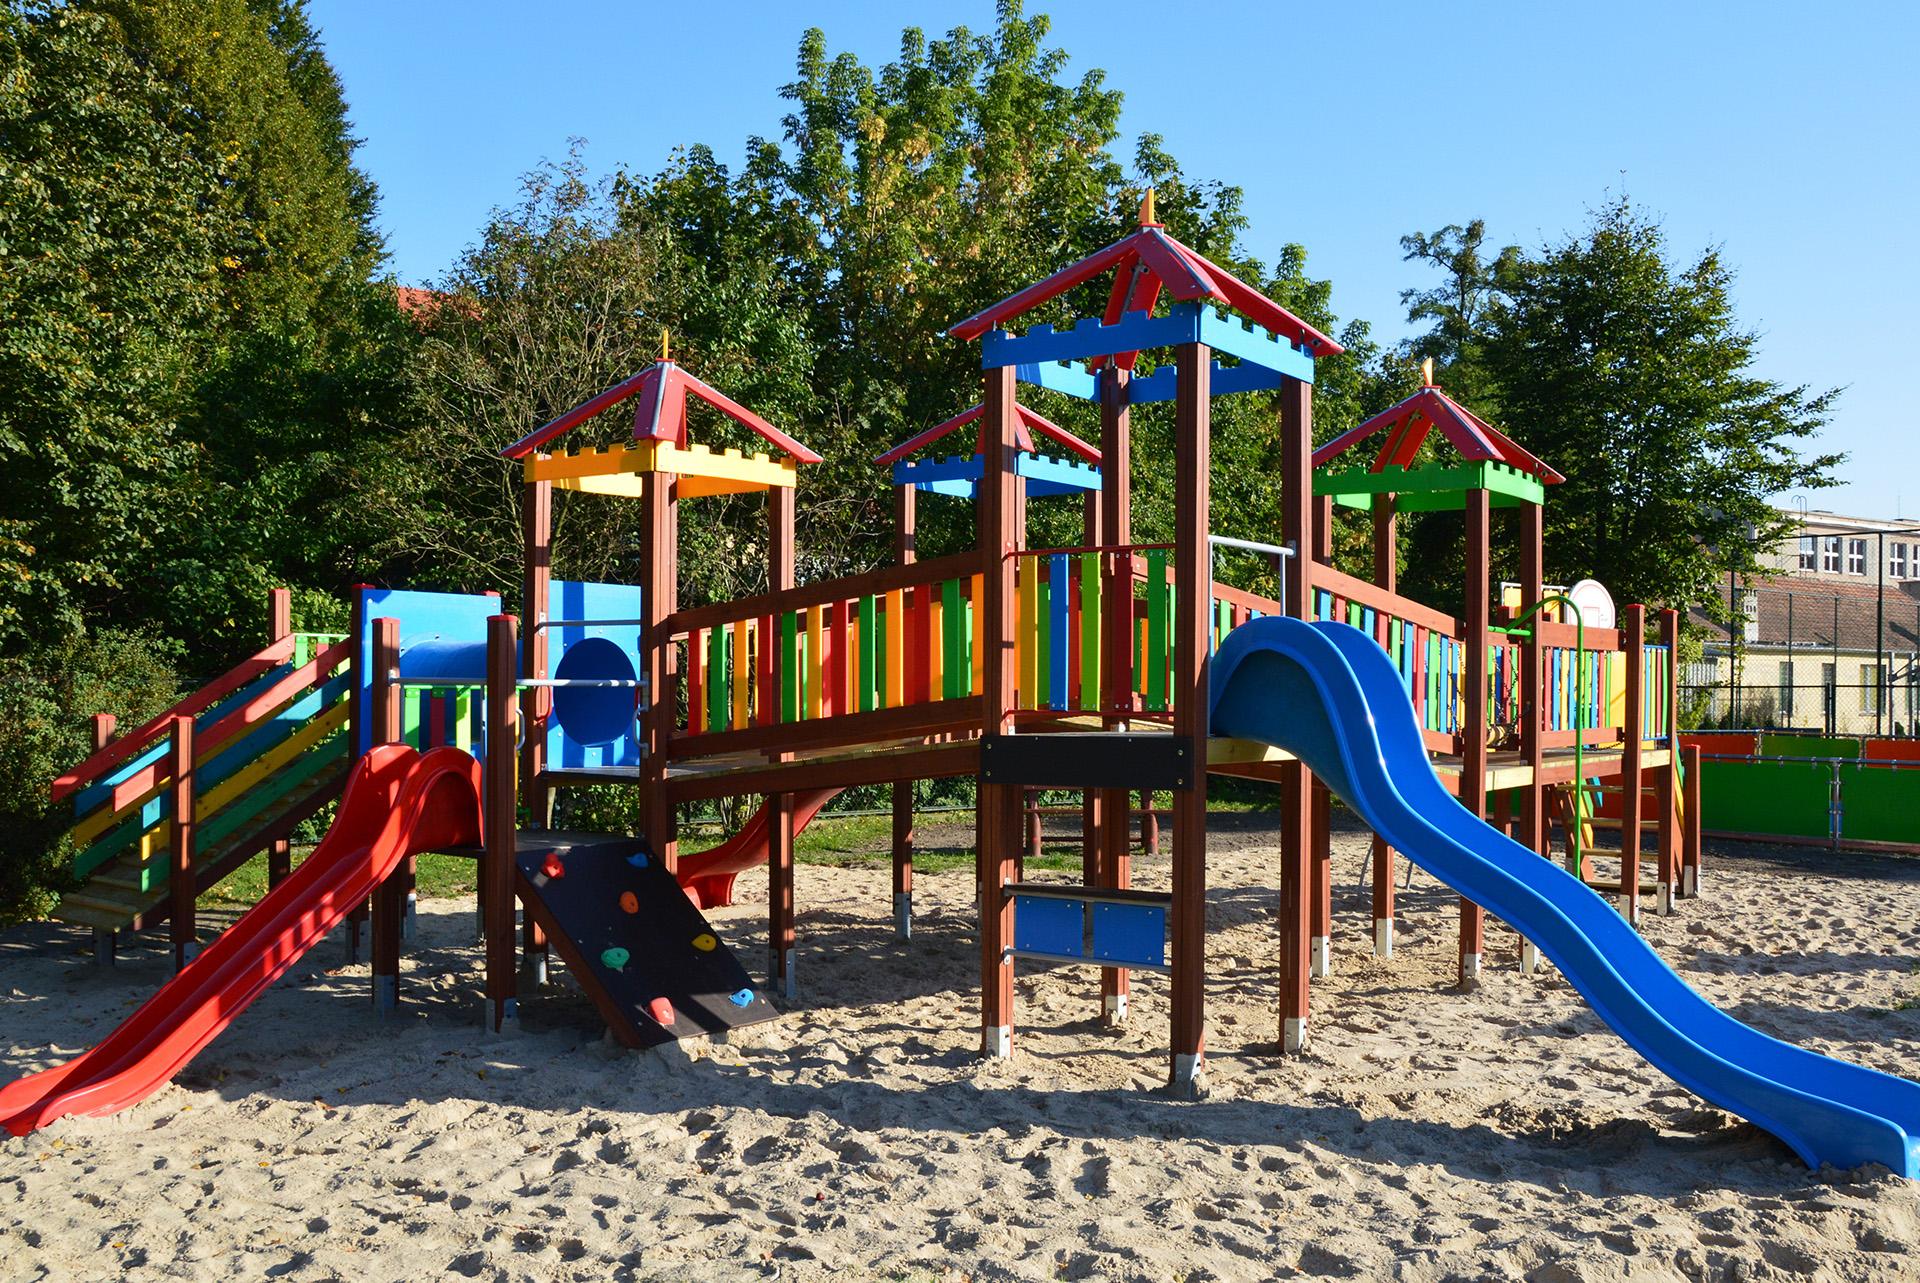 plac zabaw dla dzieci w pile